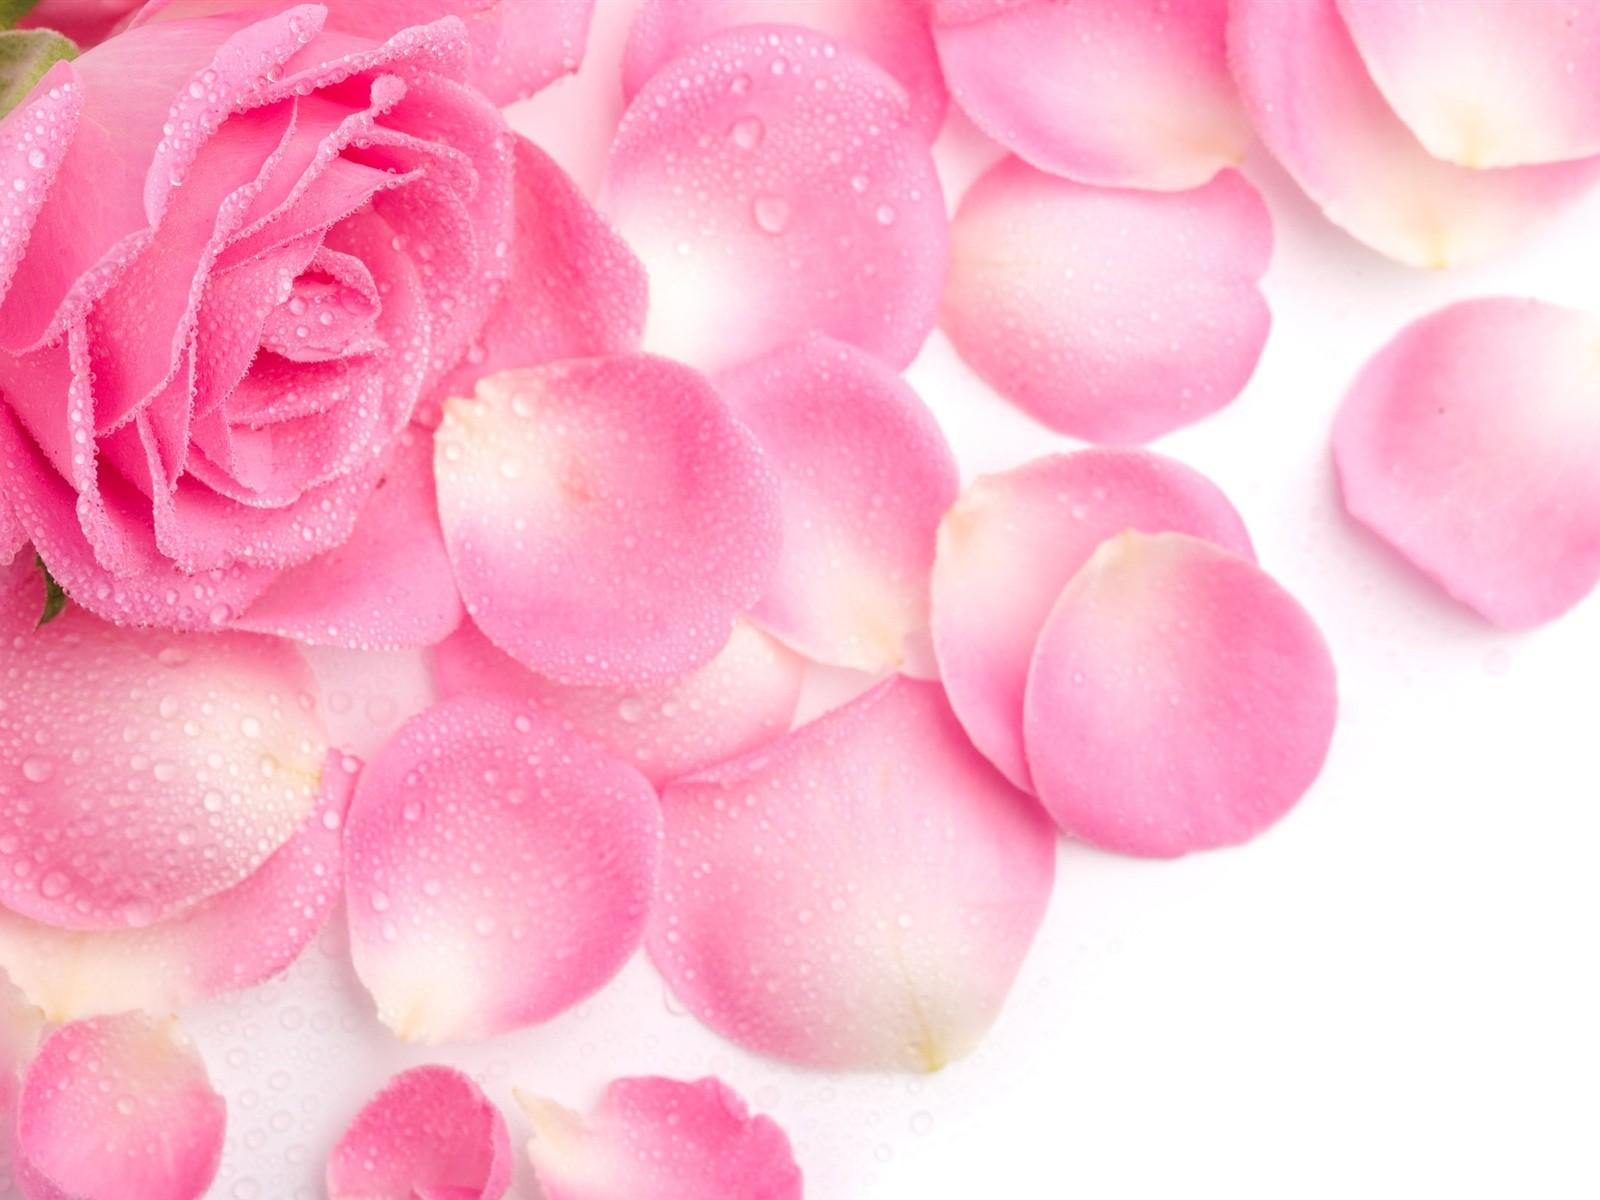 petals- Fragrant